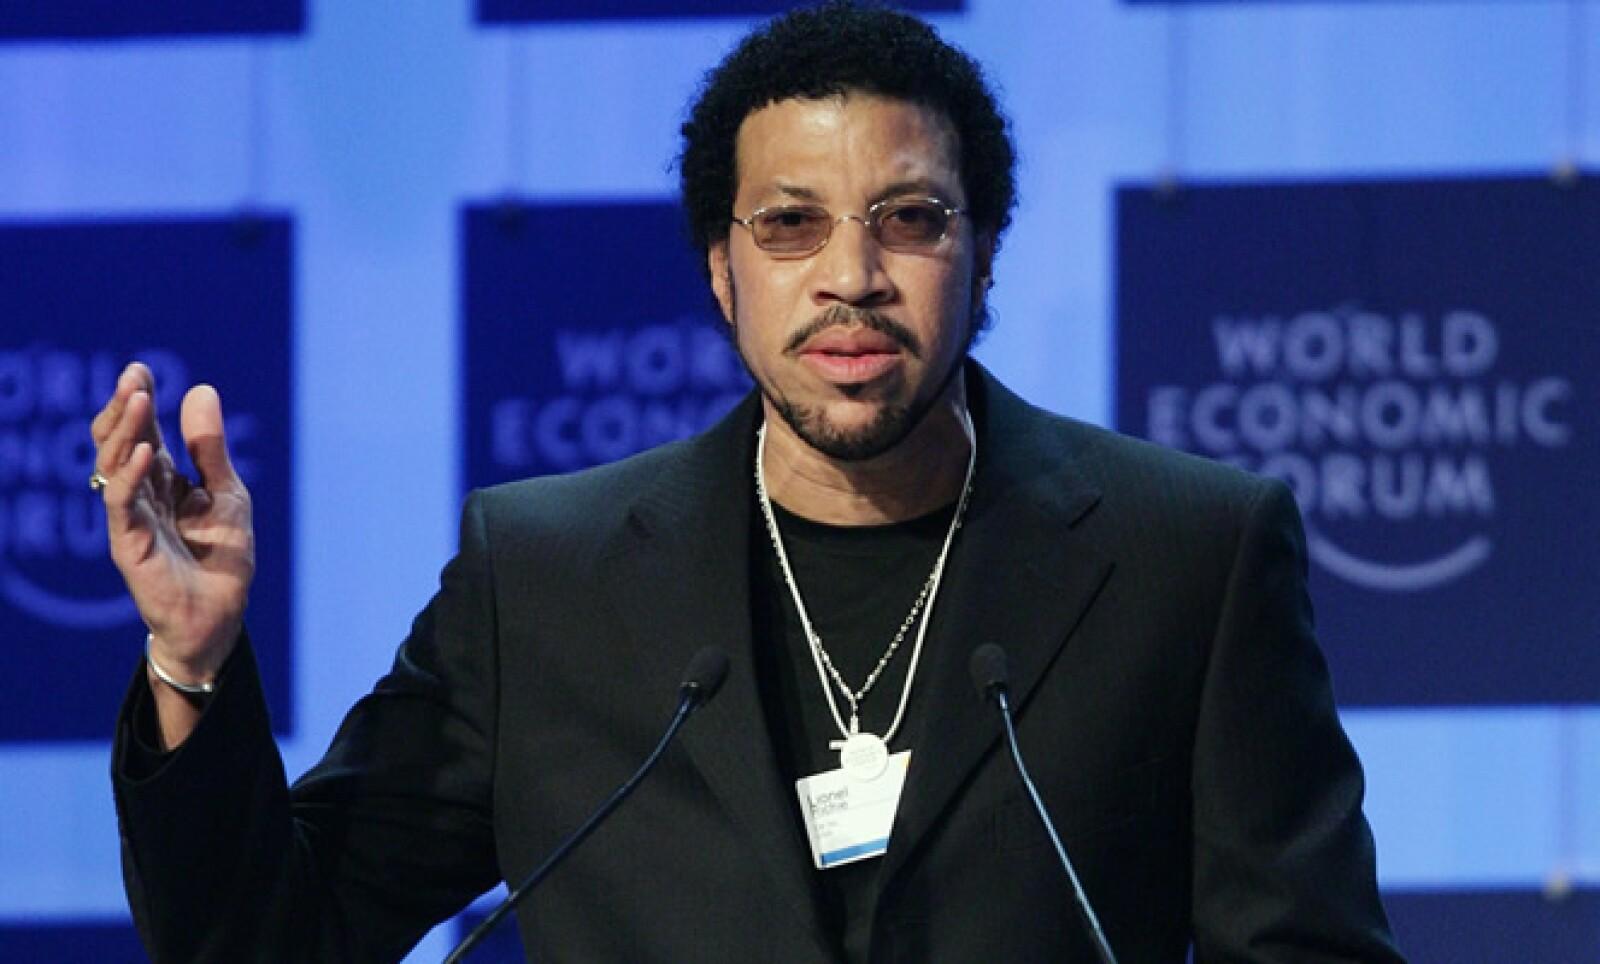 El músico estadounidense recibió el Premio Cristal, que reconoce aportaciones de los artistas para mejorar al planeta,  en 2005.